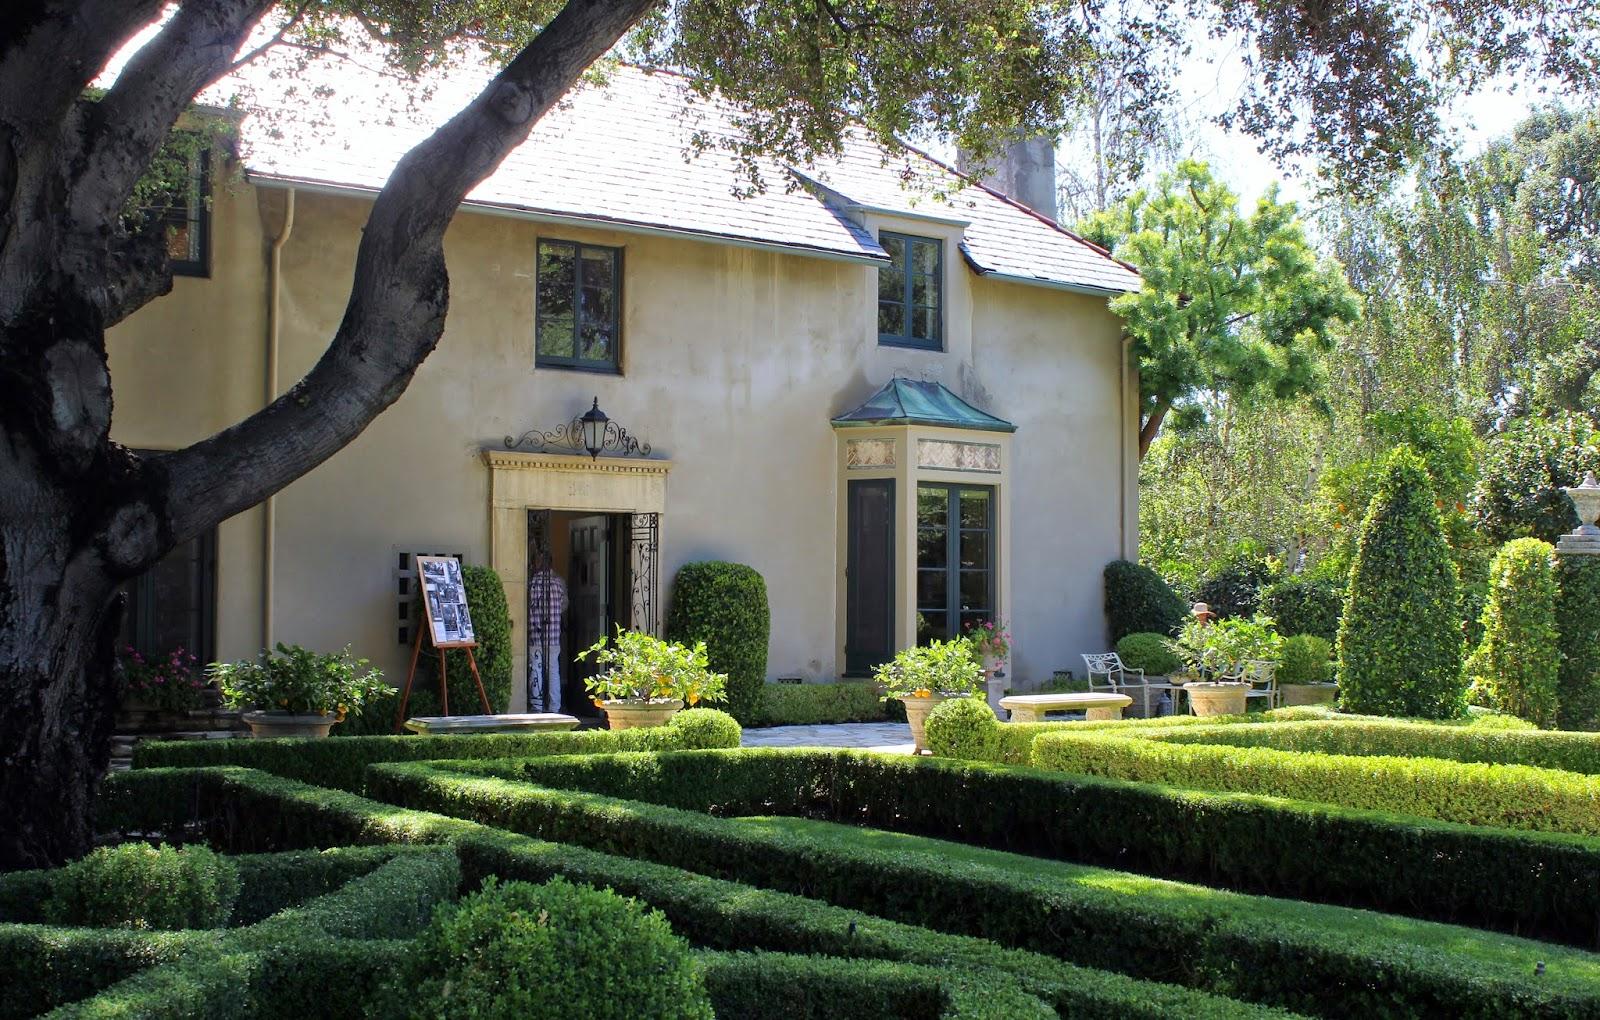 A Very Good Life 2015 Garden Conservancy Open Days Pasadena The Parterres